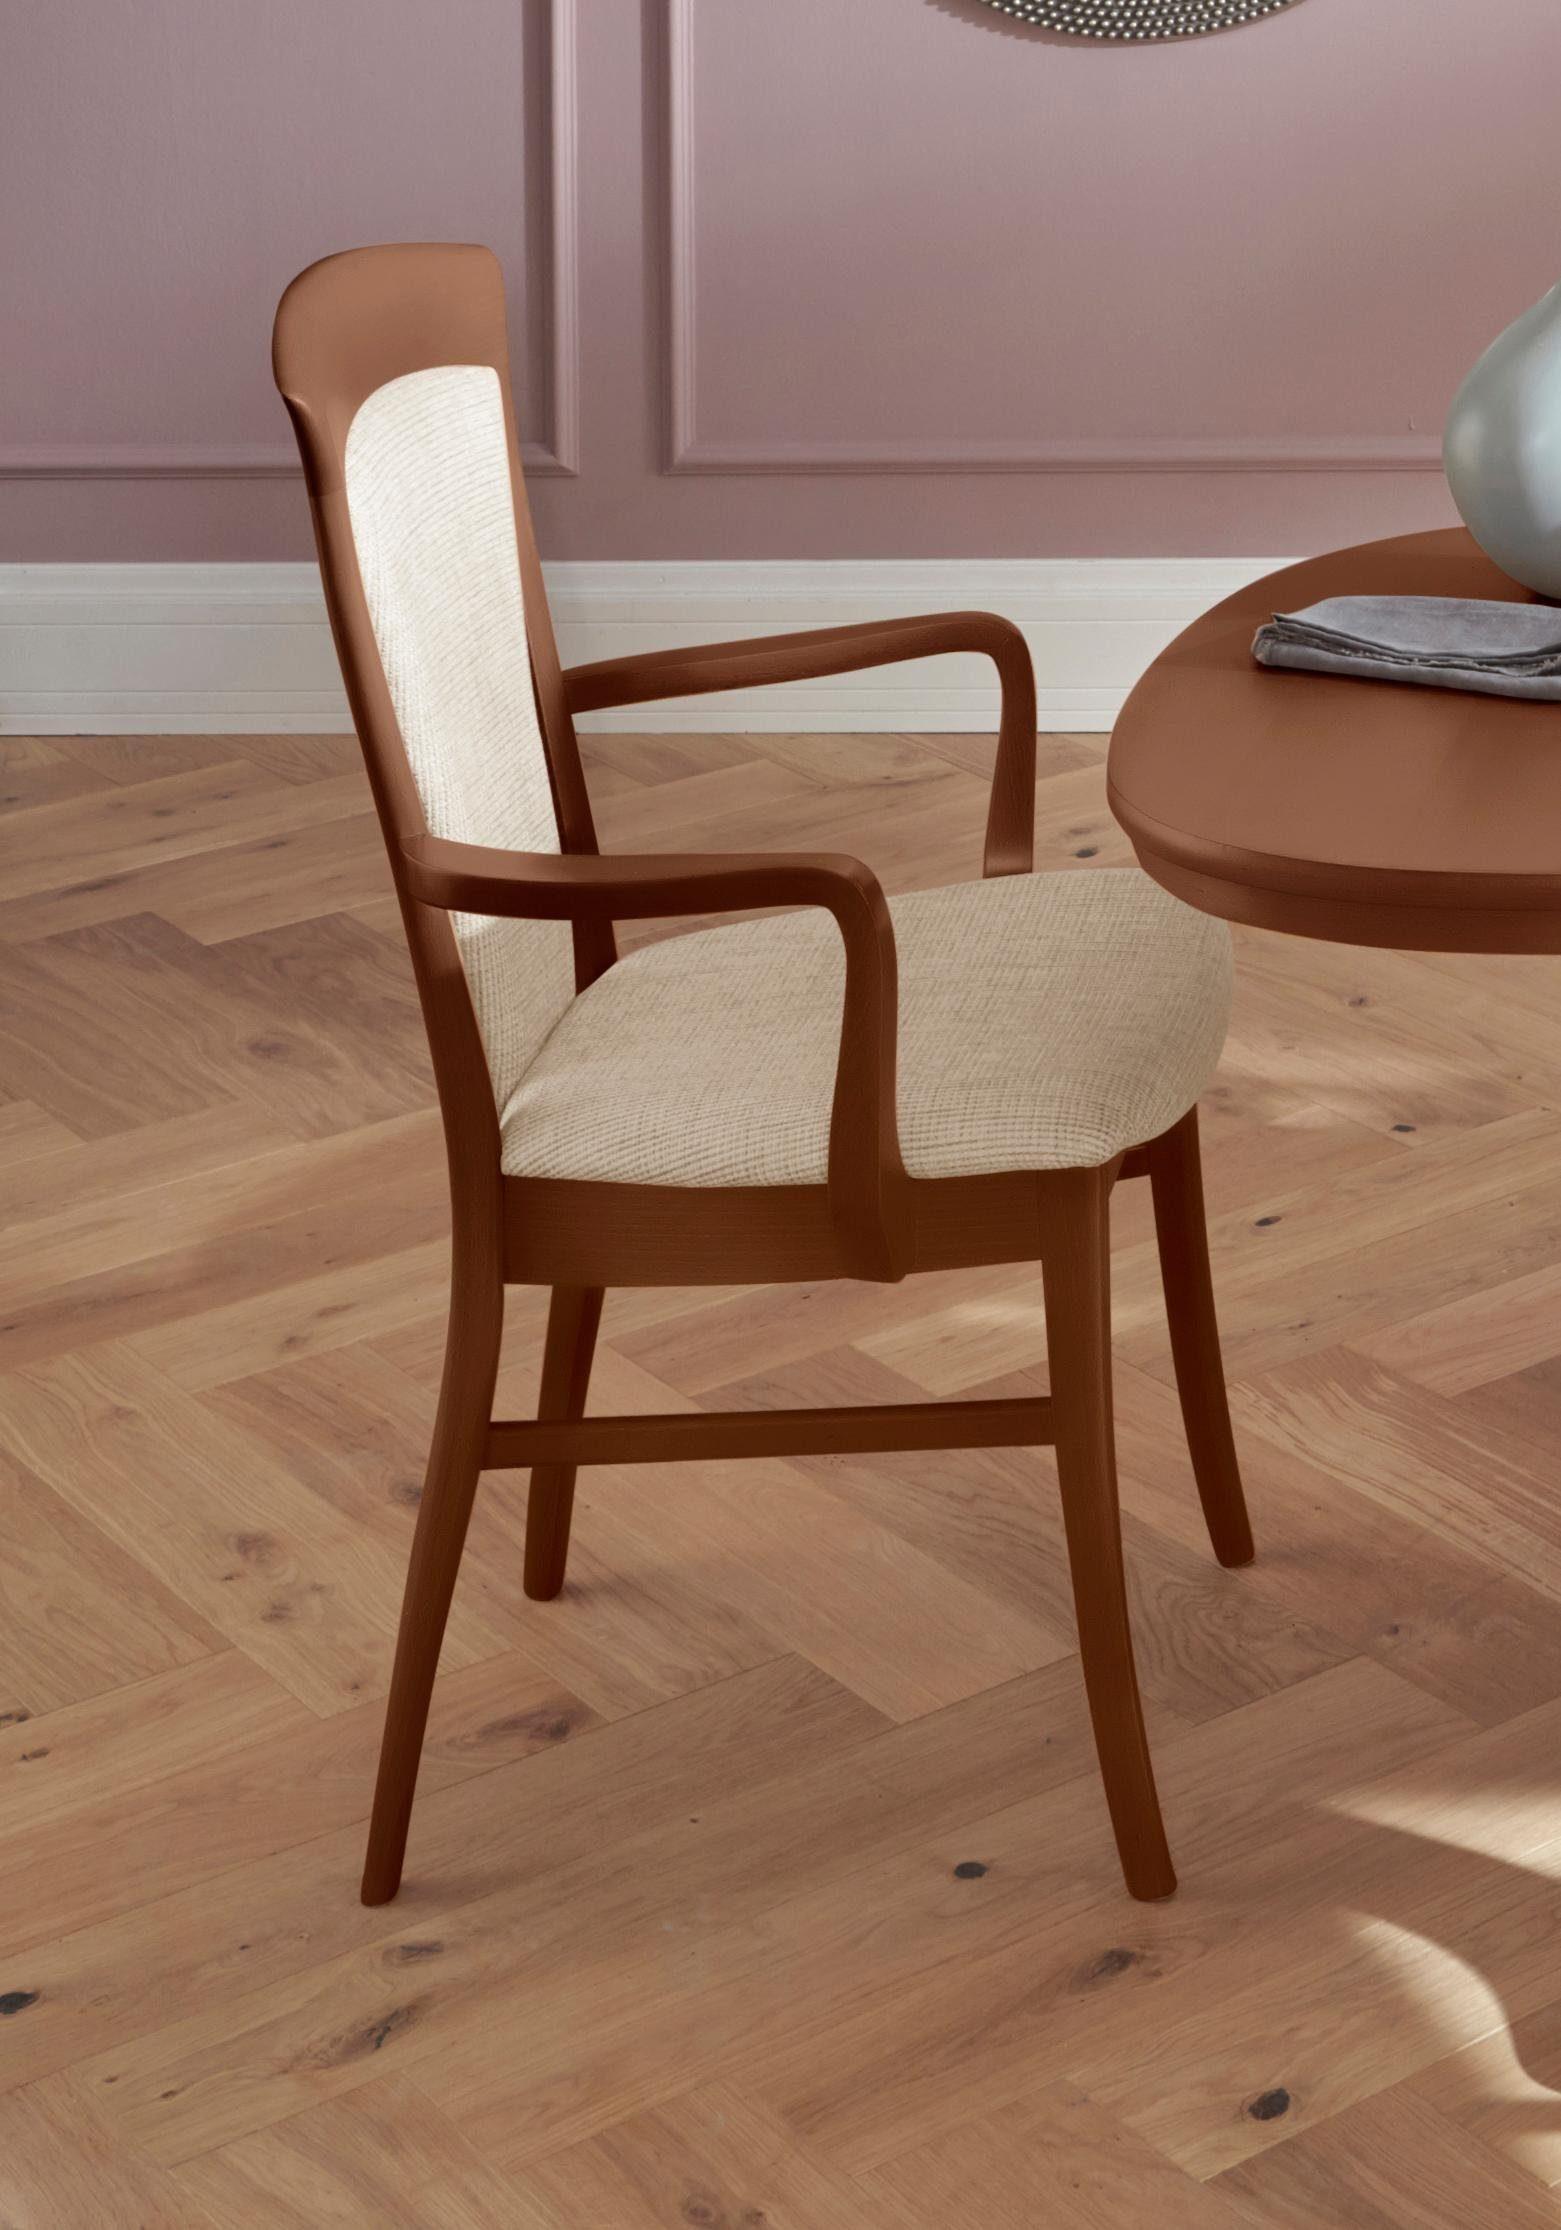 DELAVITA Stuhl »DIETMAR« 1 Stück, Delavita Die Marke für klassisch komfortables Wohnen online kaufen | OTTO